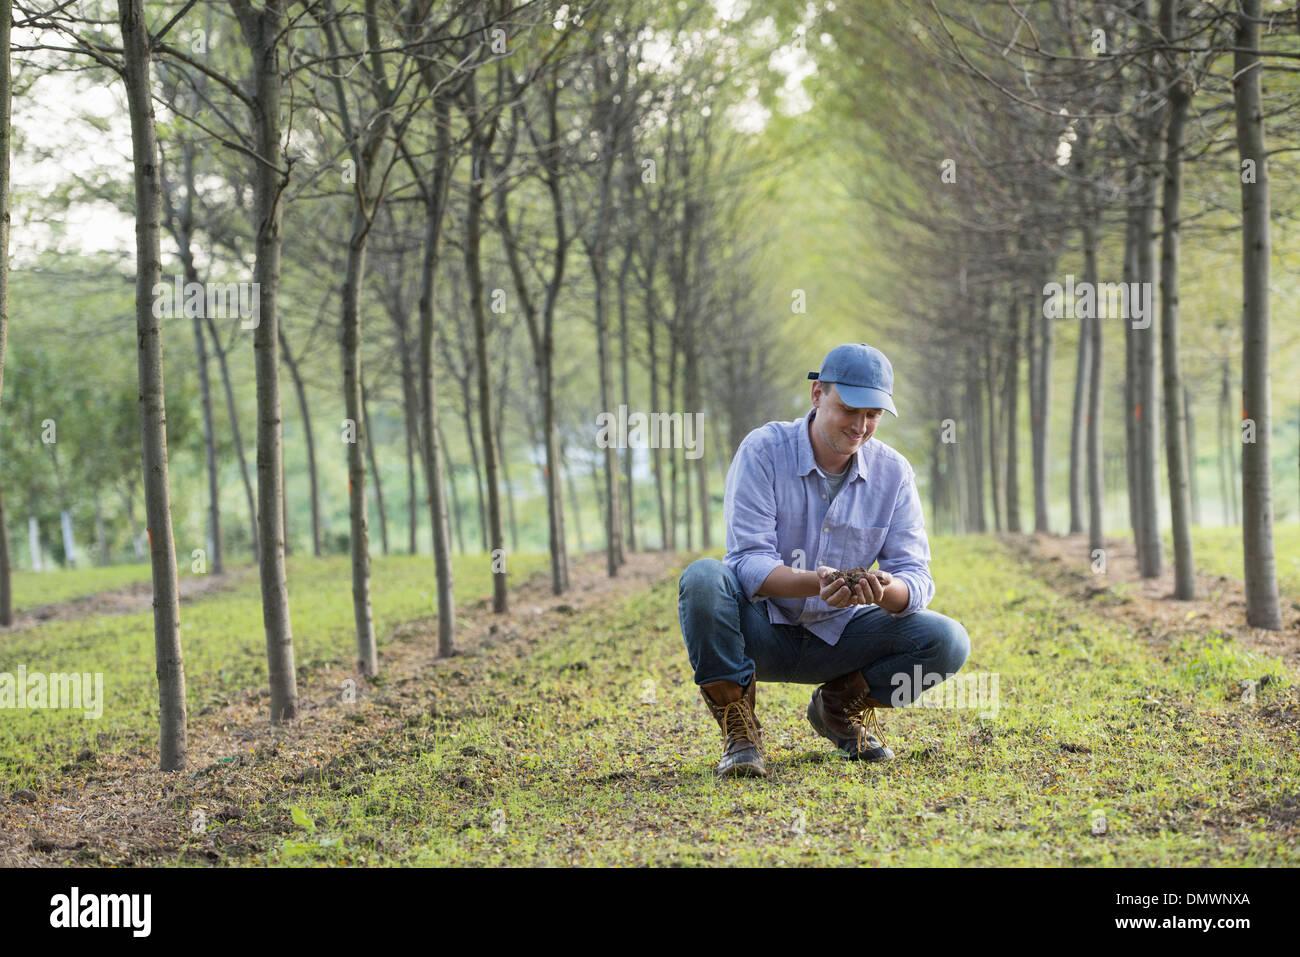 Ein Mann hocken und eine Handvoll Erde untersuchen. Stockbild